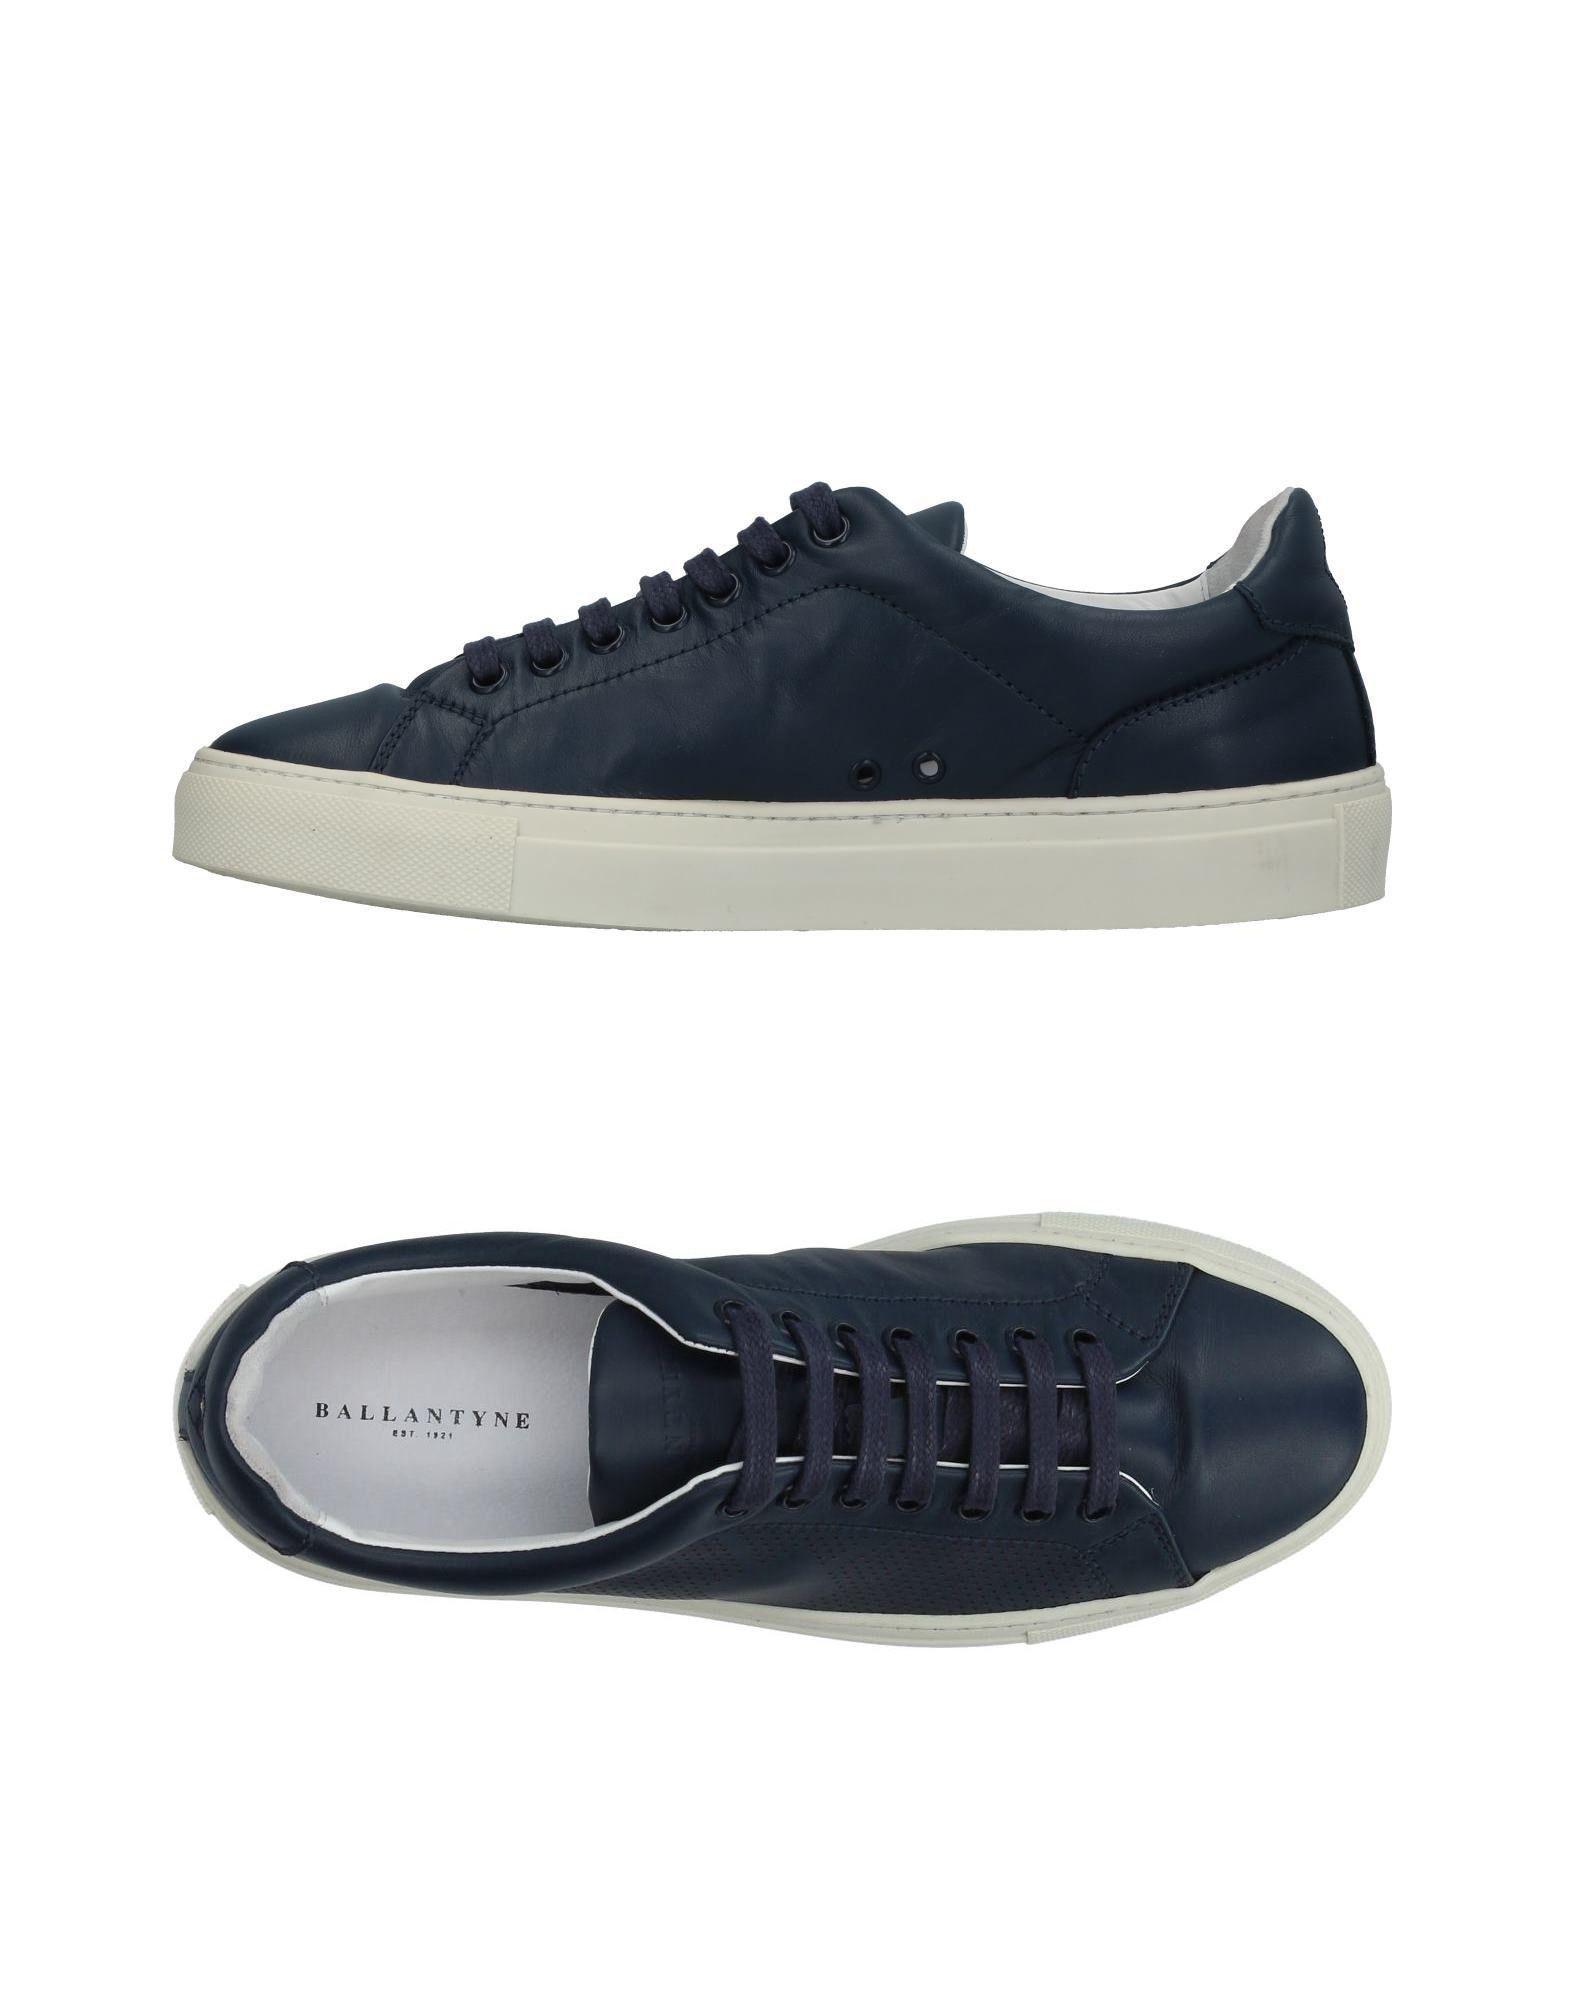 FOOTWEAR - Low-tops & sneakers Ballantyne Rc5mLmj2Y